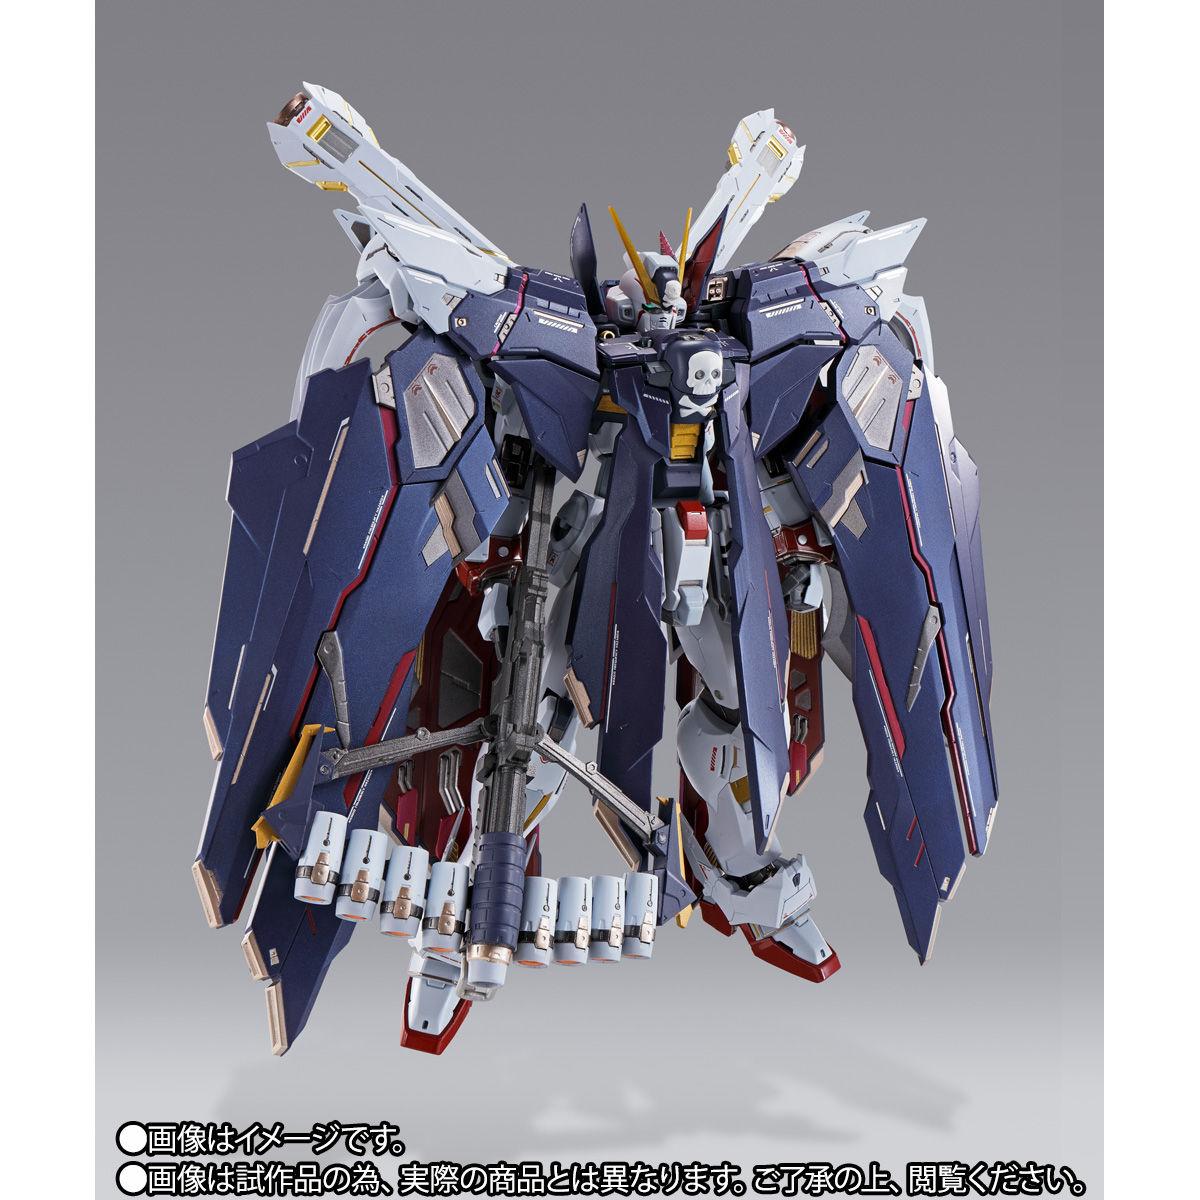 METAL BUILD『クロスボーン・ガンダムX1 フルクロス』機動戦士クロスボーン・ガンダム 可動フィギュア-010